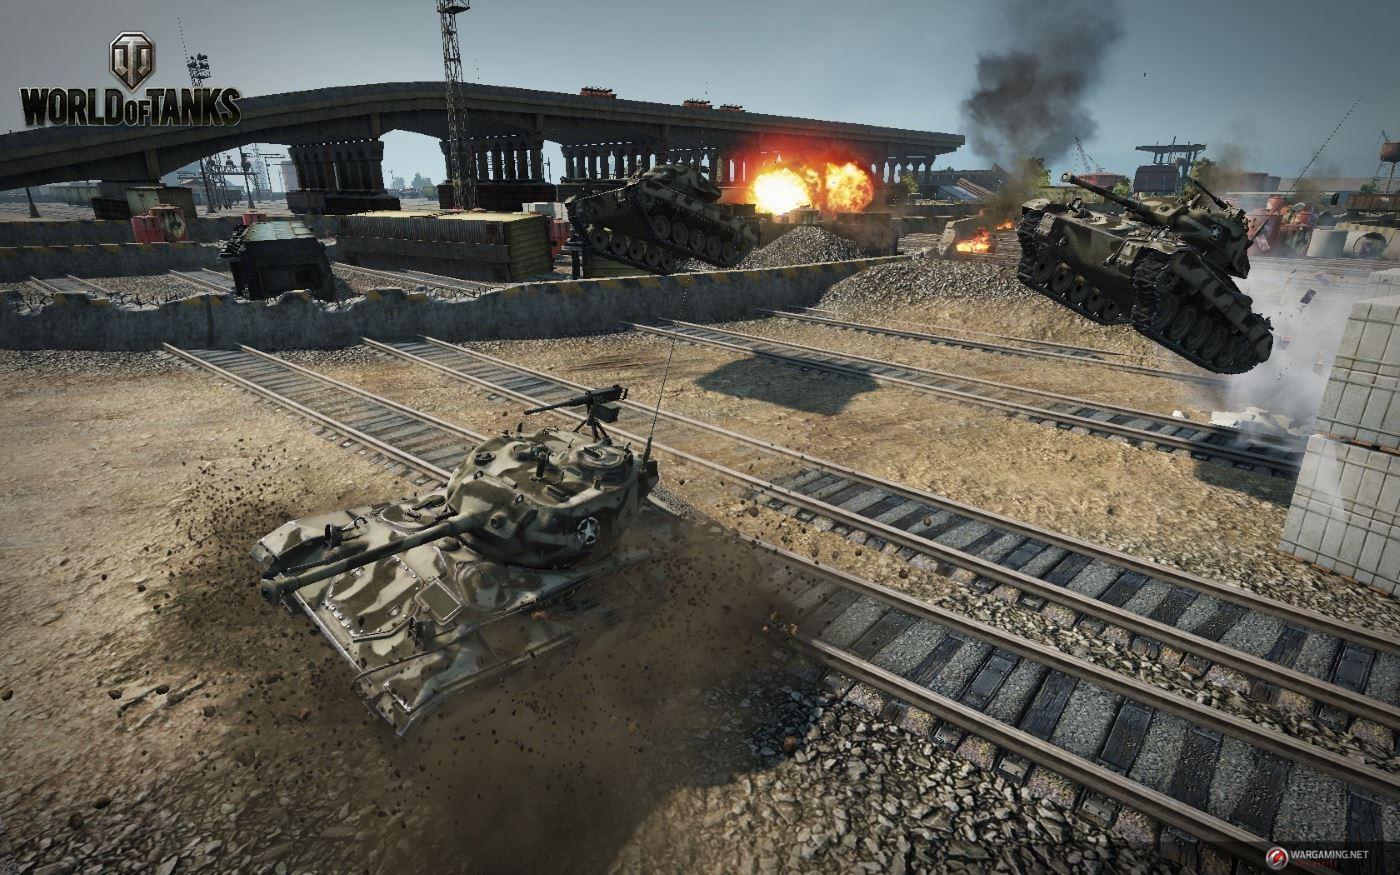 World of Tanks wie Mario Kart – die Panzerrally kommt